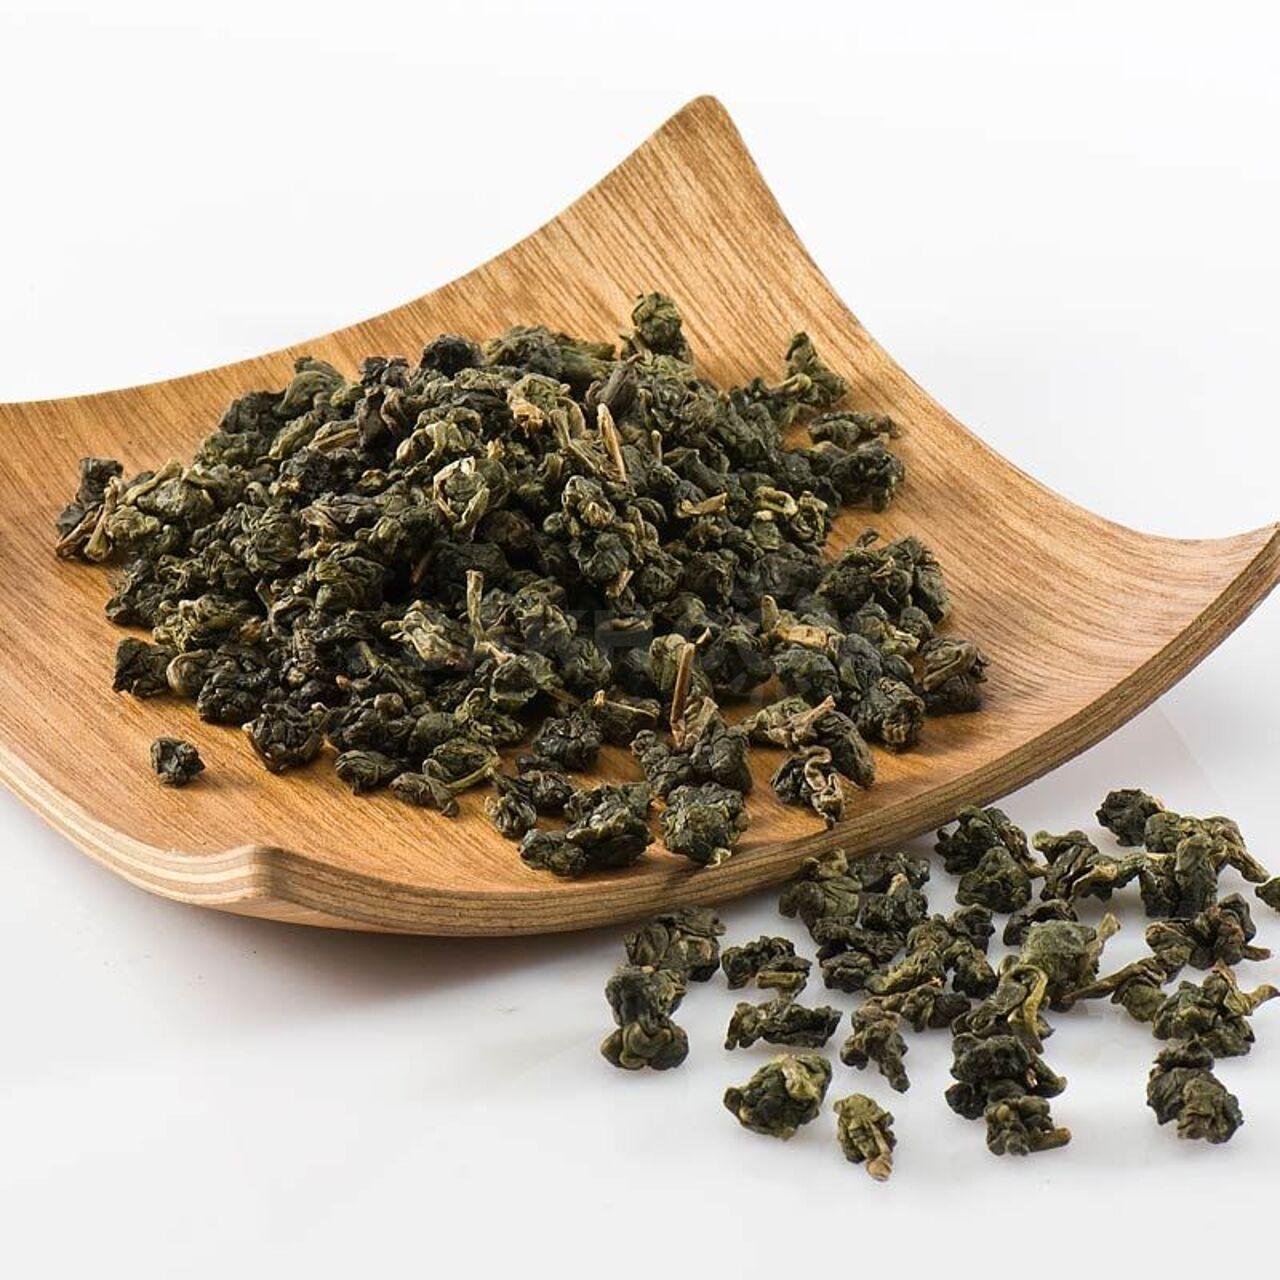 дешевый чай оптом на развес